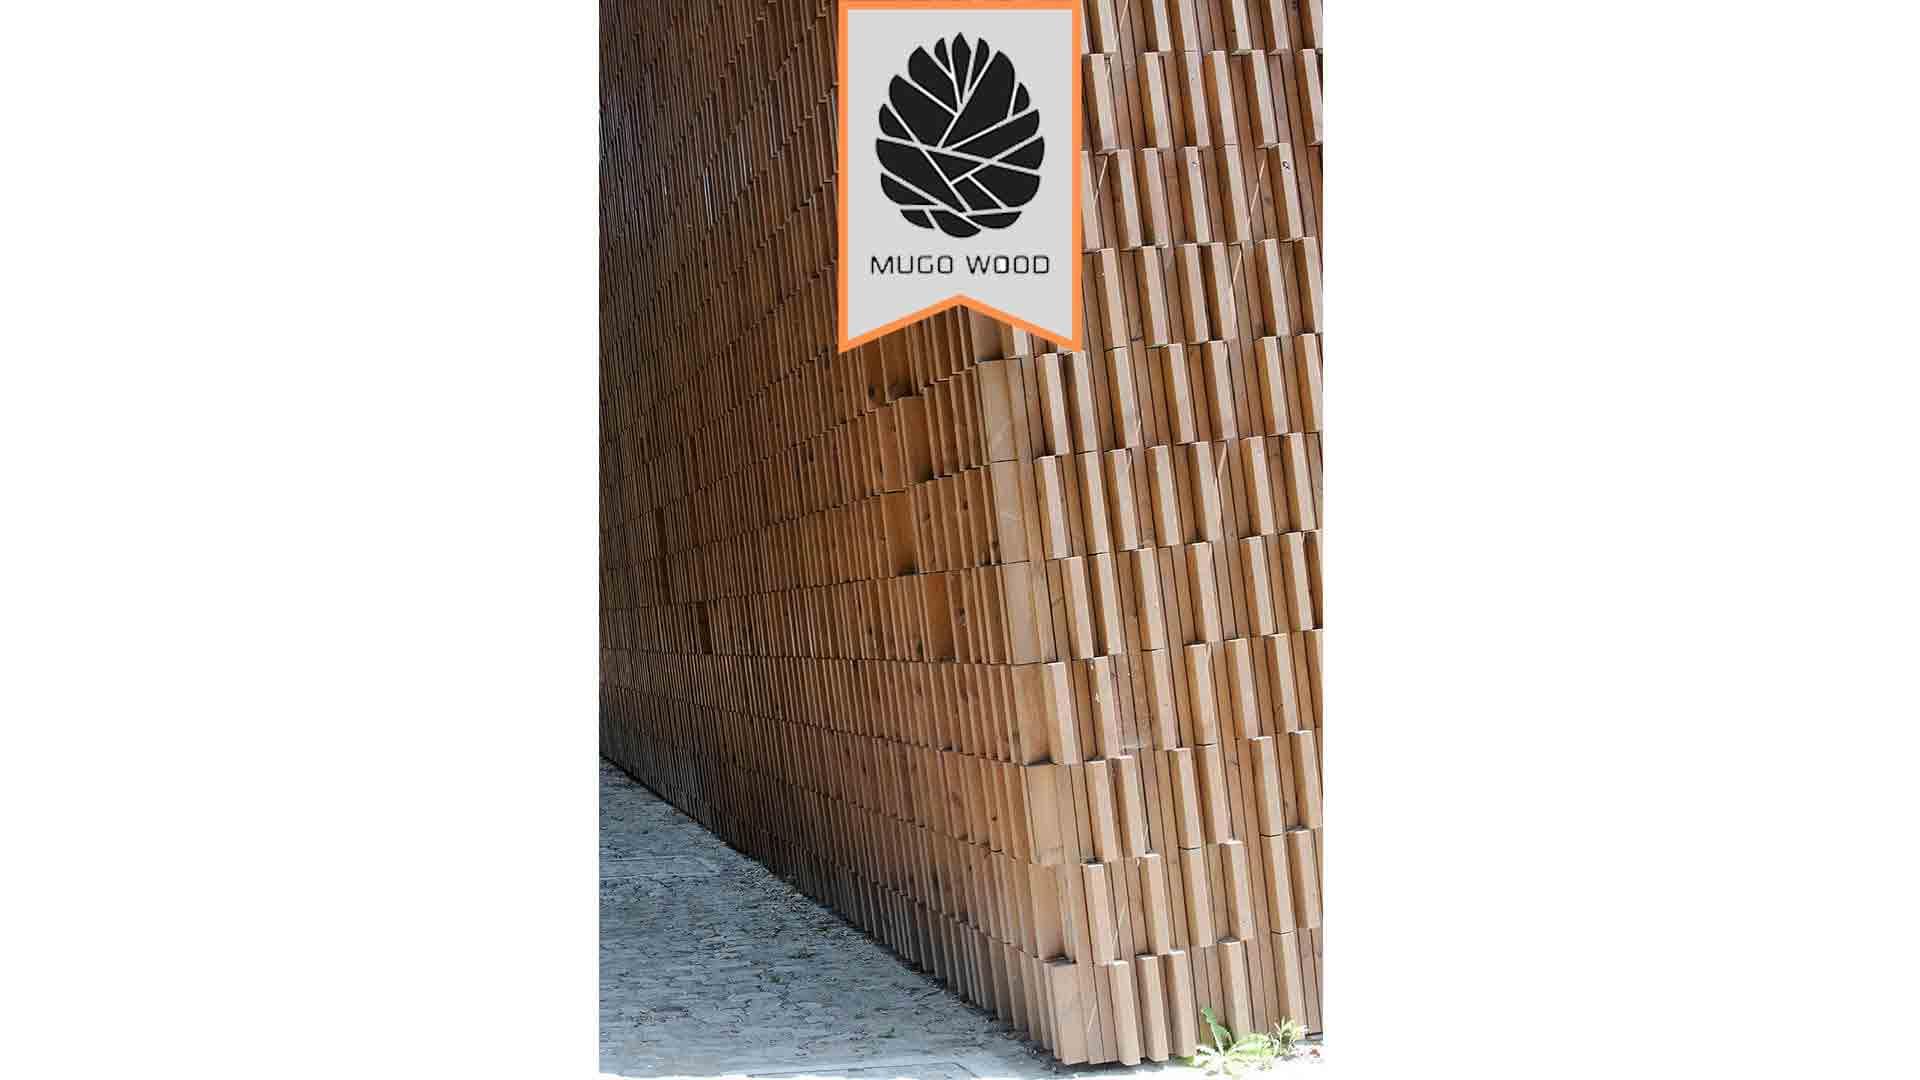 کفپوش ترمووود چیست - قیمت ترمووود چیست - قیمت کفپوش ترموود - چوب ترمو - چوب ترموود - چوب ترموود - ترمووود - چوب ترمو - چوب ترموود - رنگ ترموود - ترموود ایرانی - چوب ترمو